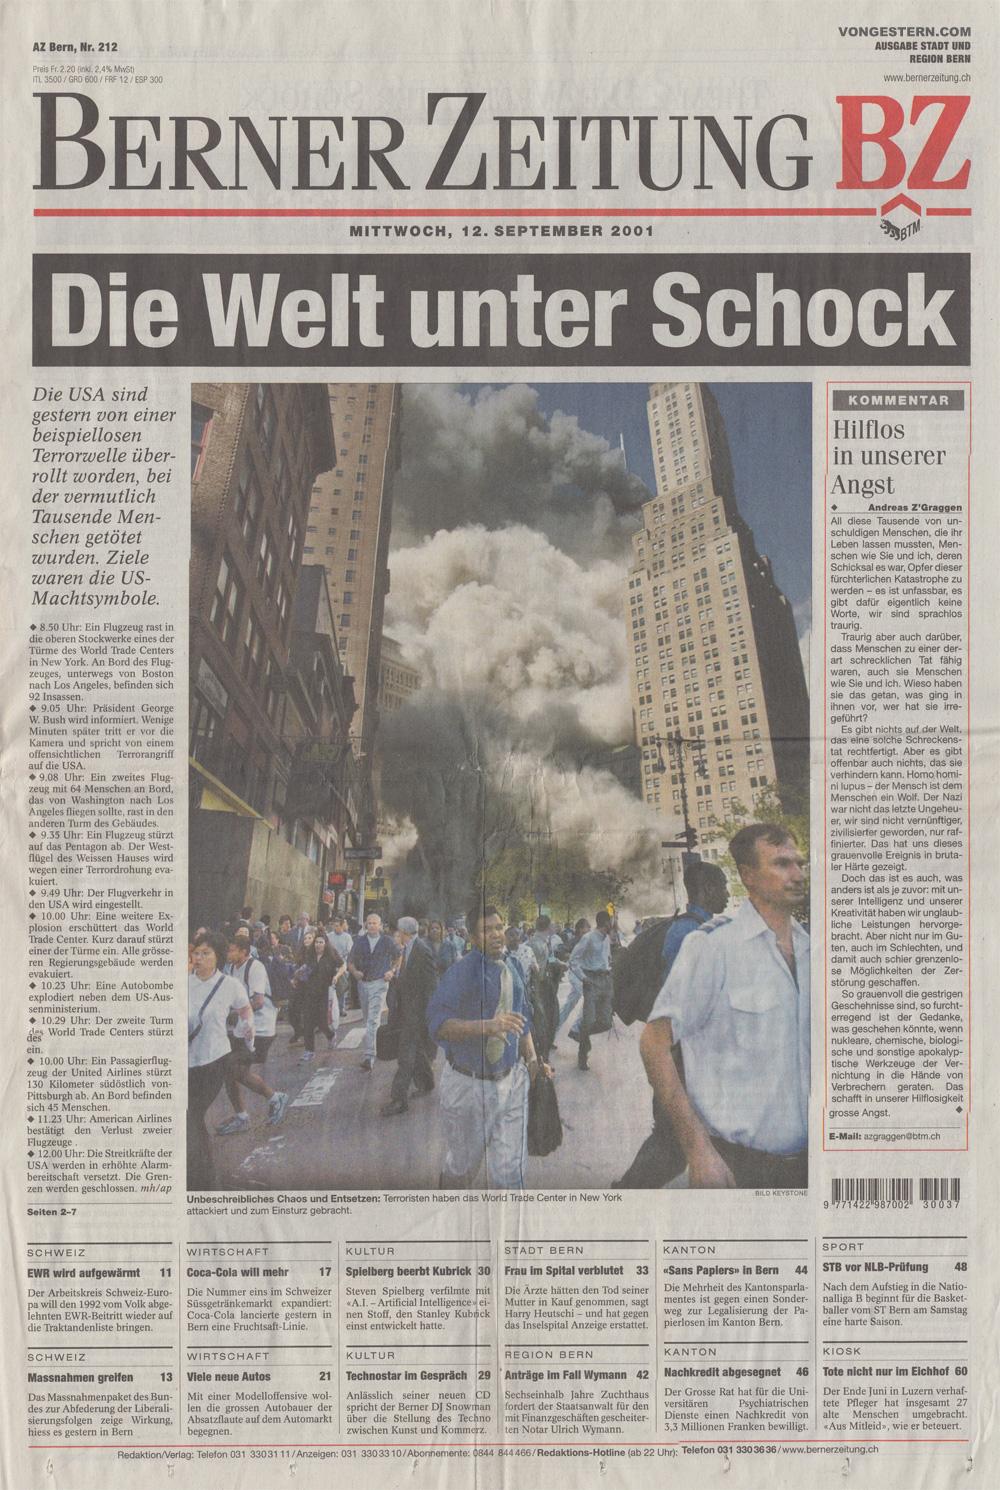 Opferzahl 9/11